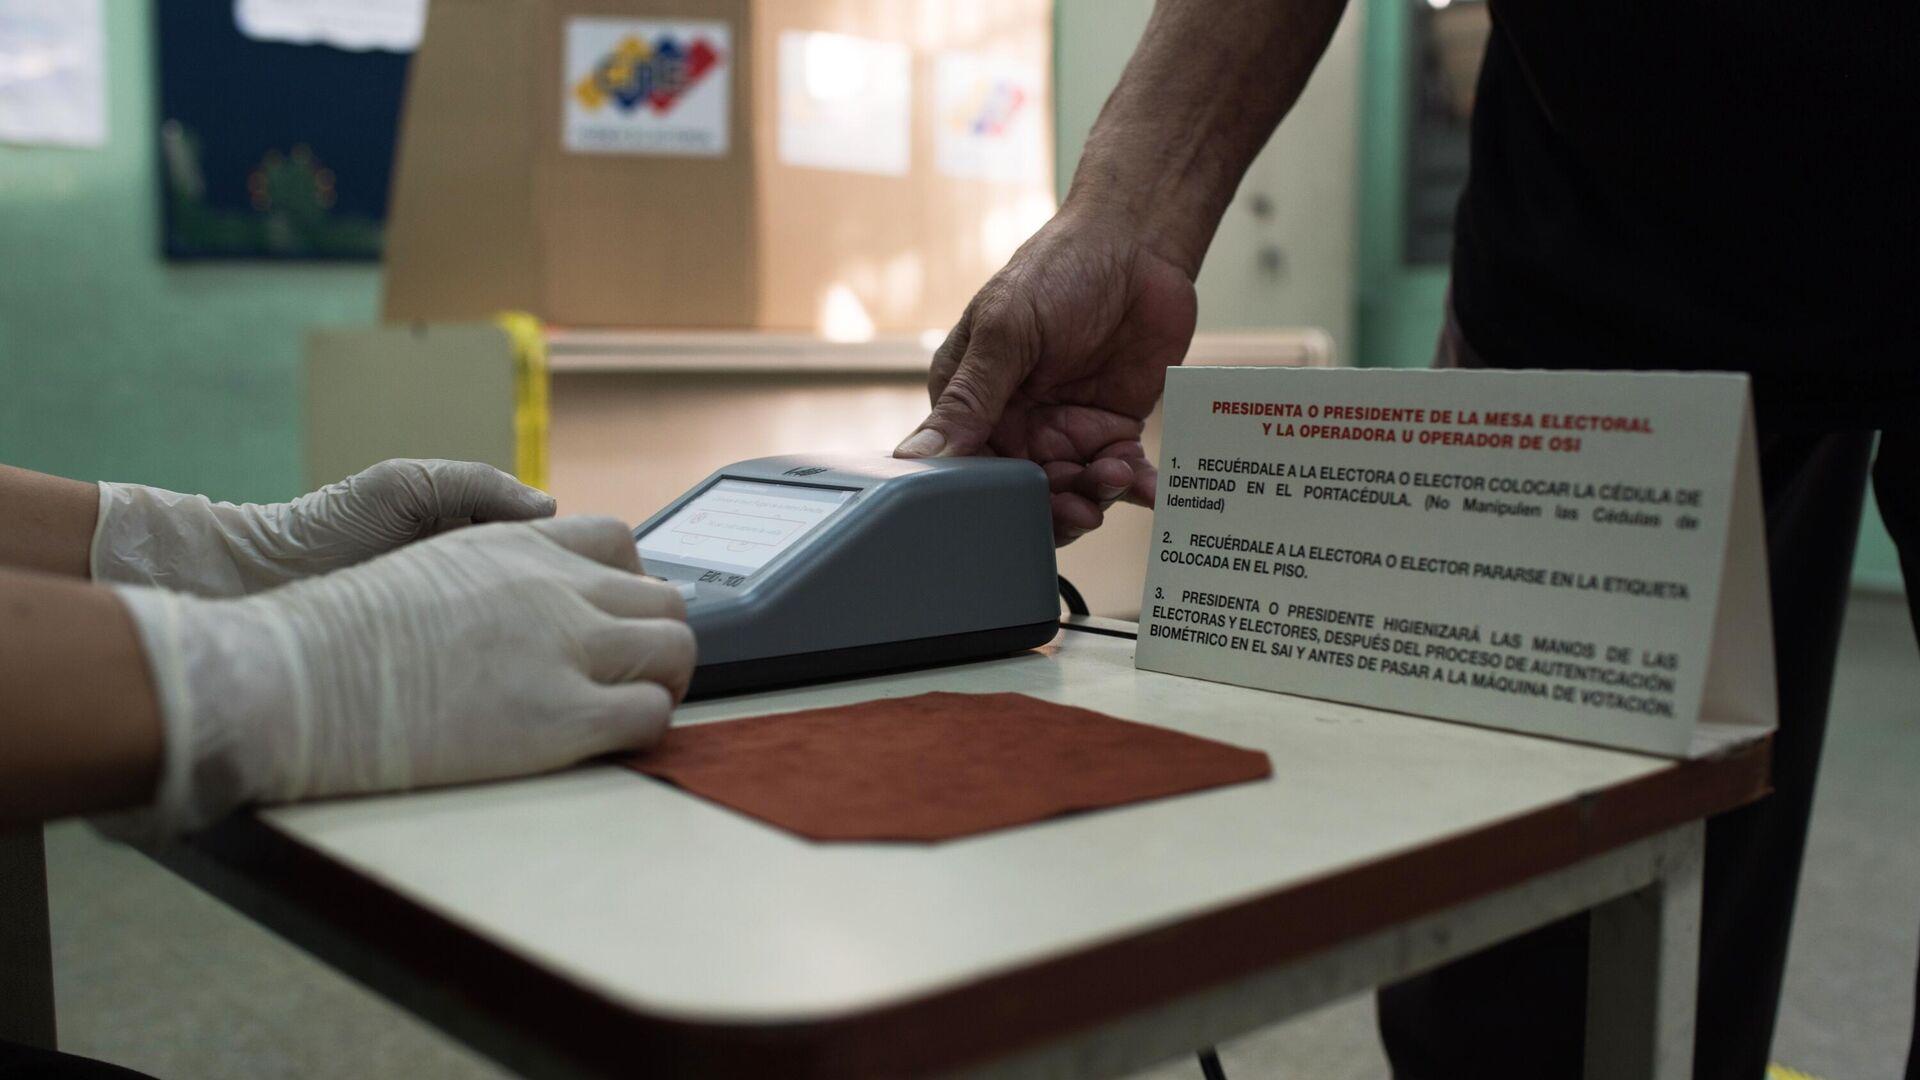 Великобритания не признала результаты выборов в Венесуэле